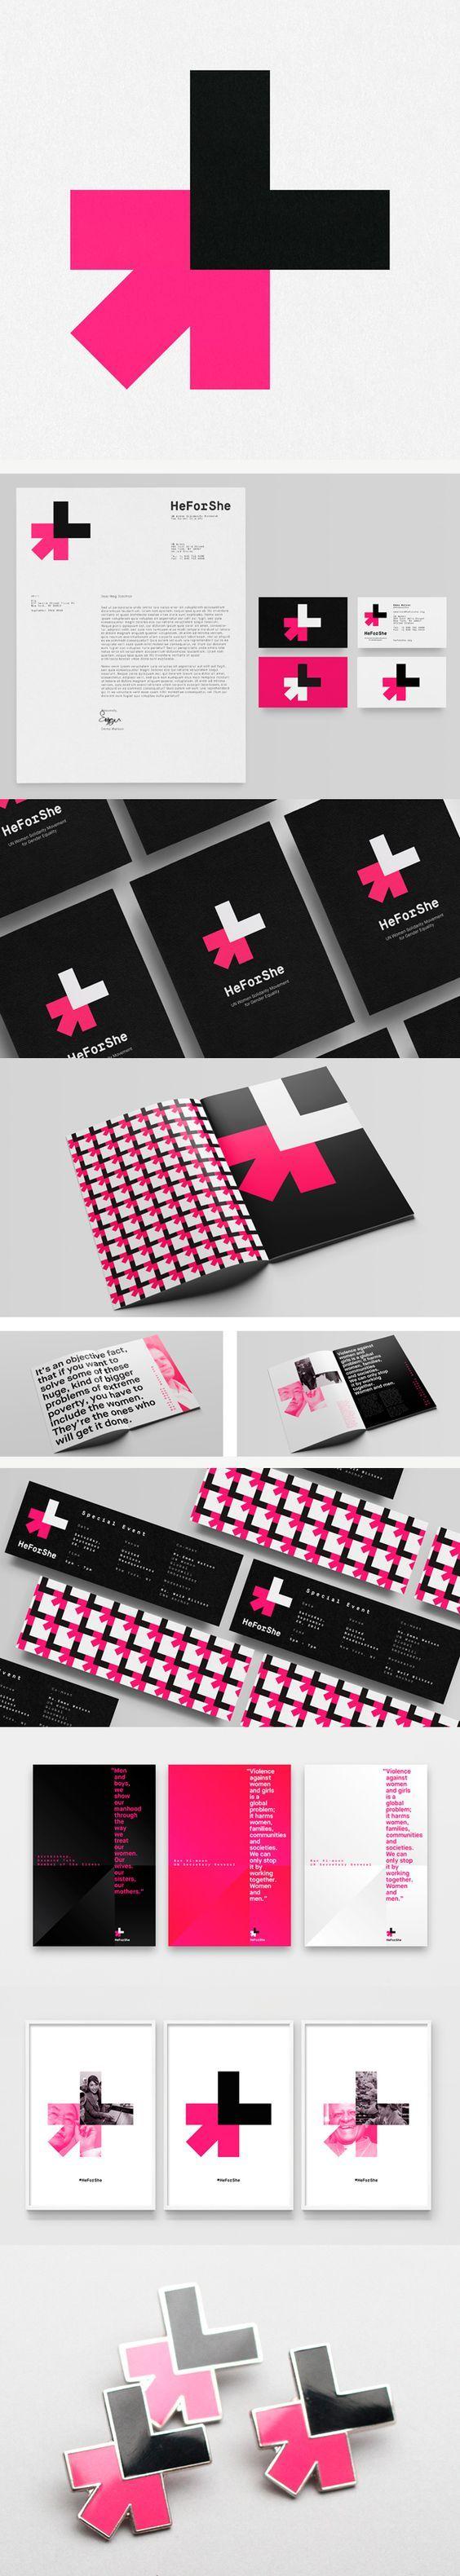 HeforShe Branding | Fivestar Branding – Design and Branding Agency &…